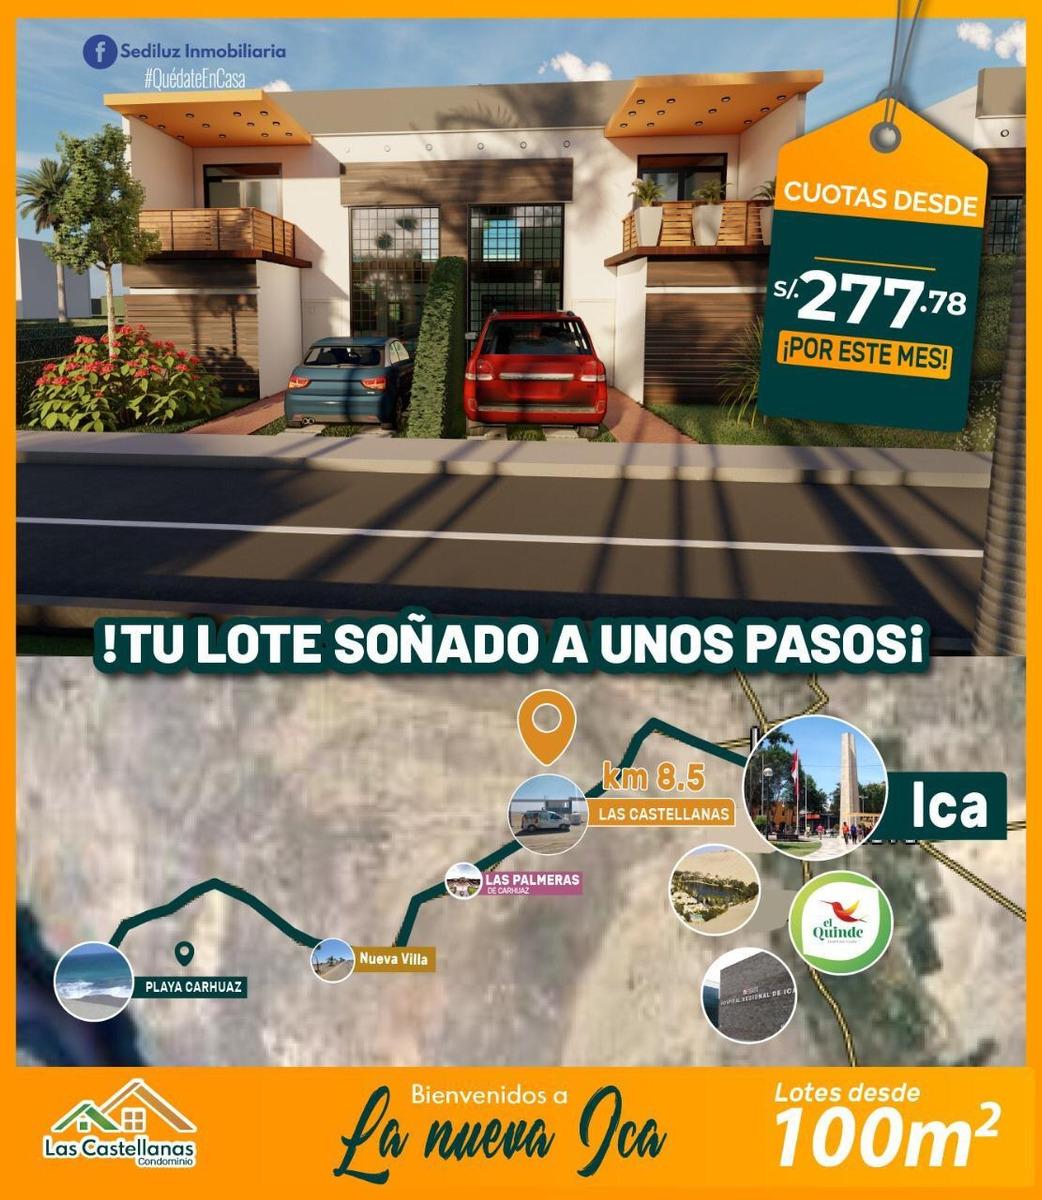 terrenos en camino a carhuas en condominios las castellanas